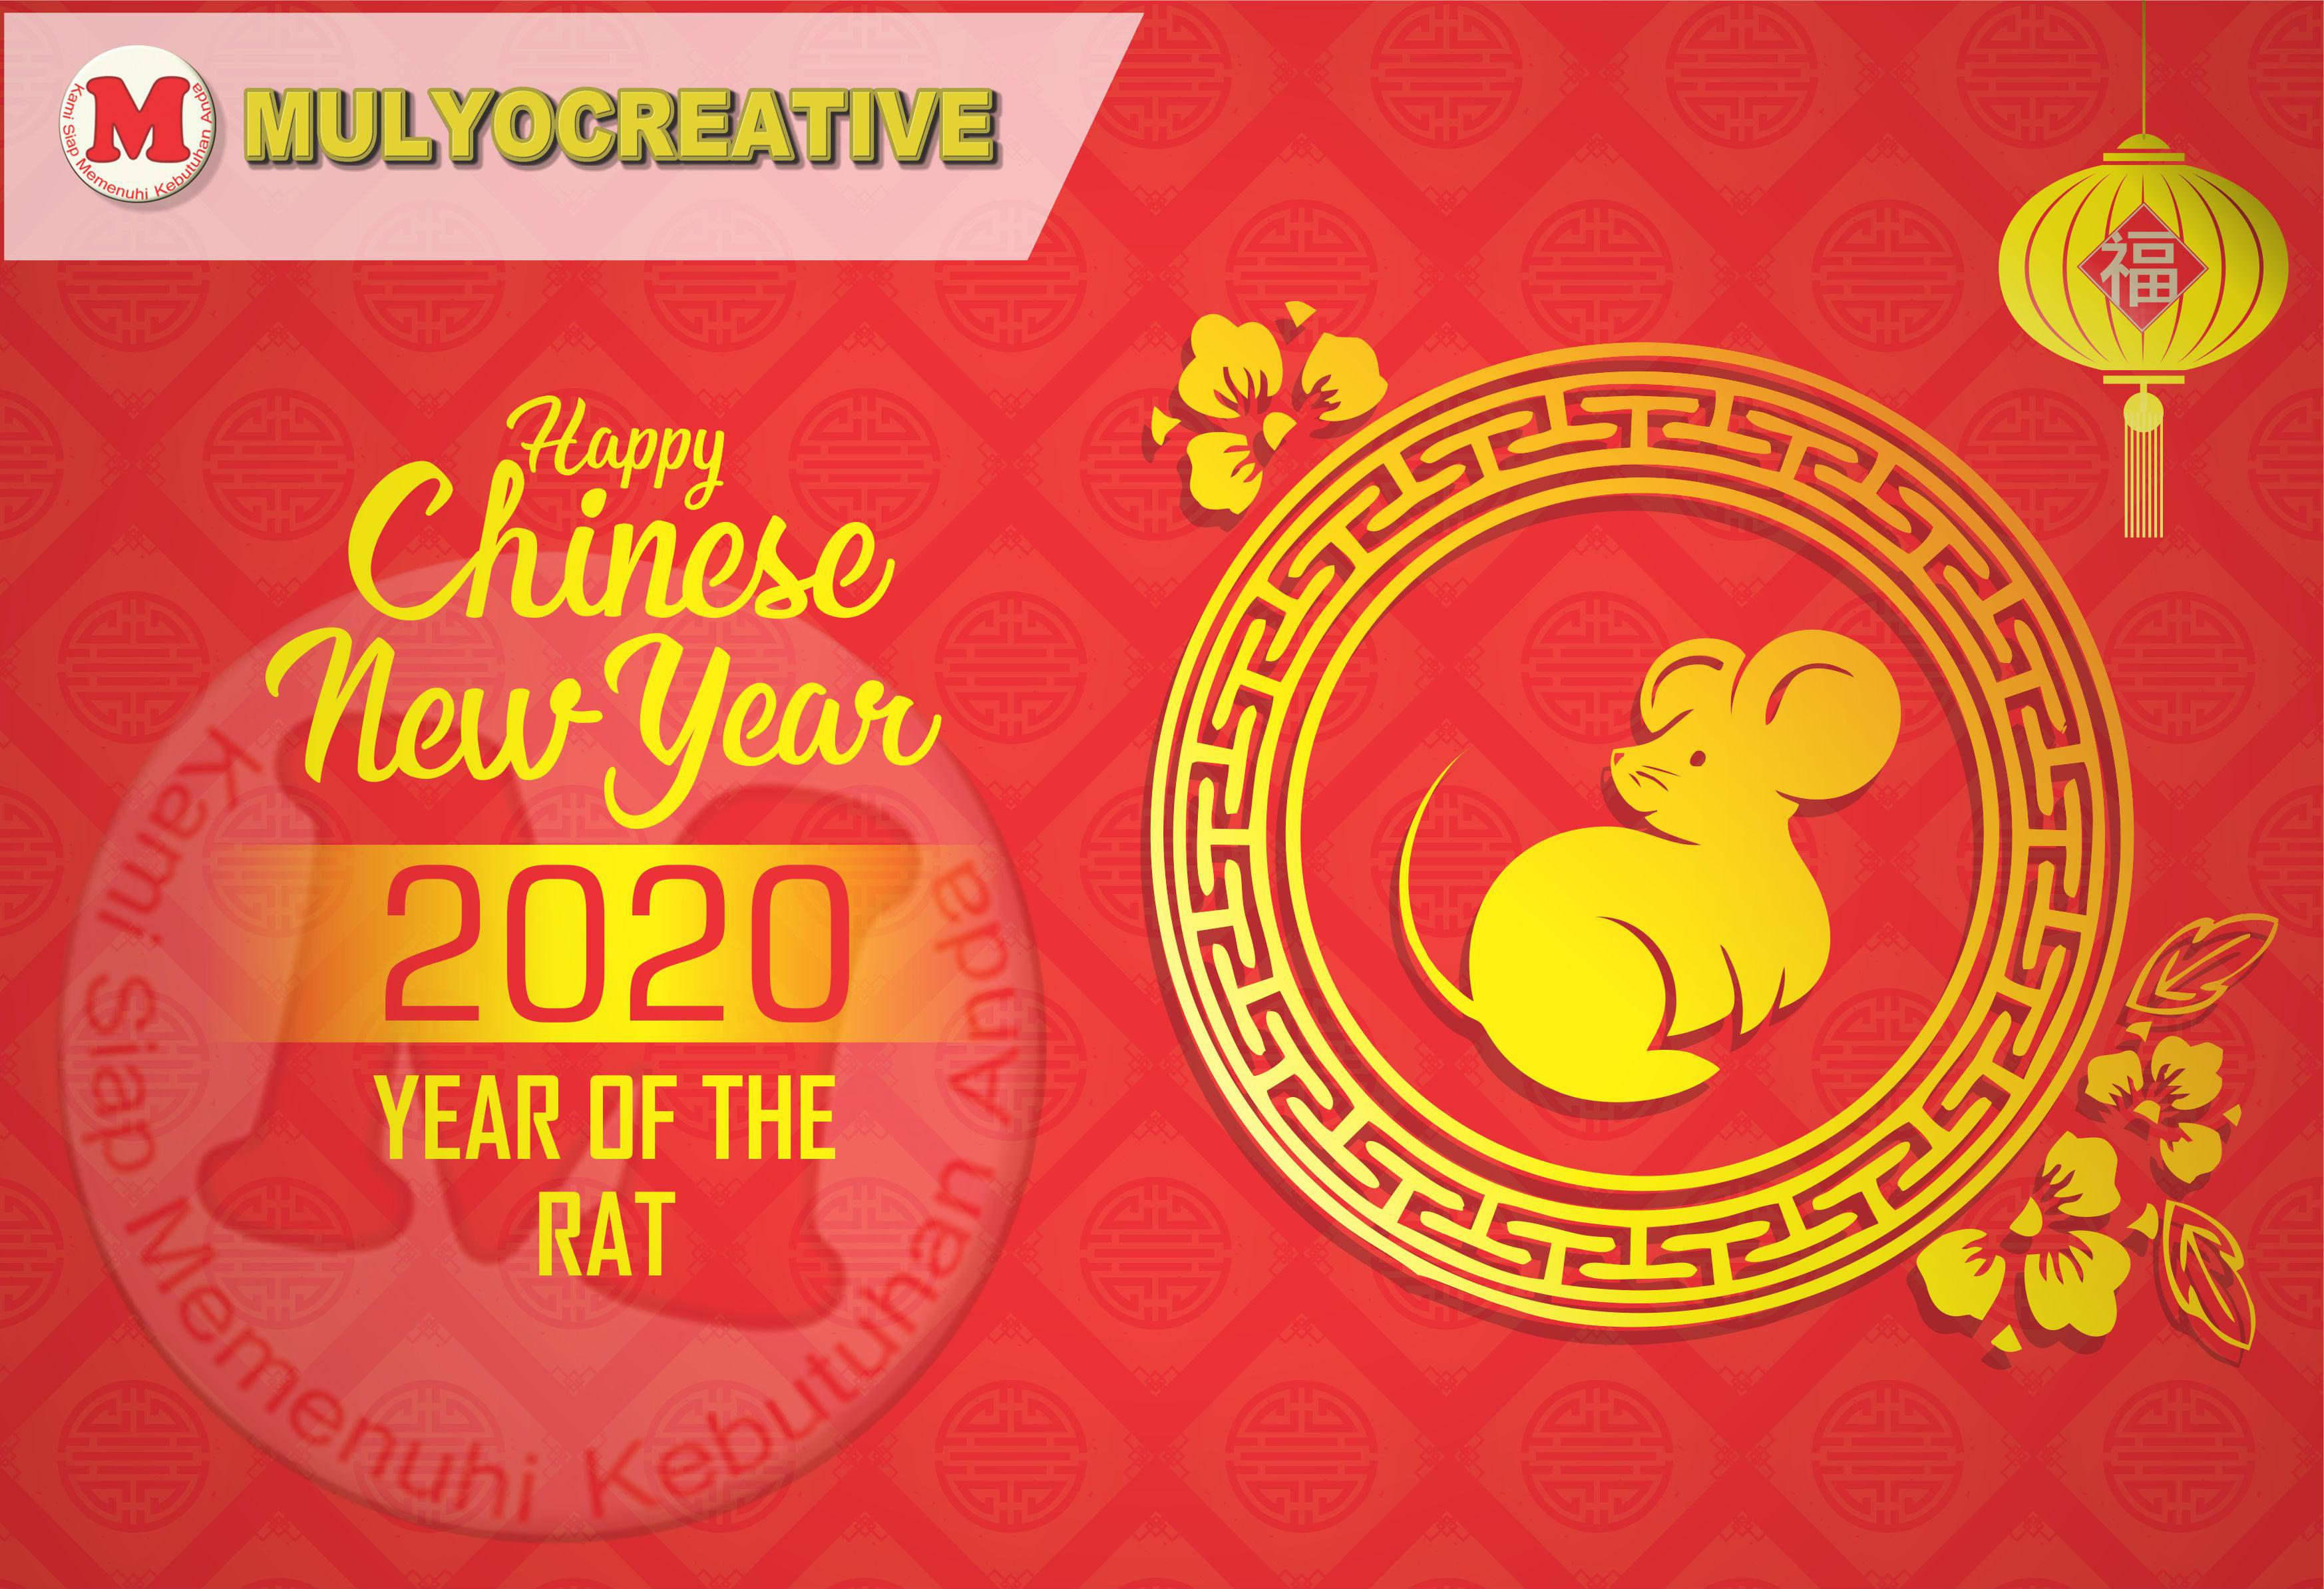 Gong Xi Gong Xi Gong Xi Fa Cai Mulyo Creative Mengucapkan Selamat Tahun Baru Imlek 2020 Pesan Pin Enamel Lencana Pin Plakat Akrilik Lycal Resin Sabuk Sekolah Papan Nama Dada Evolet